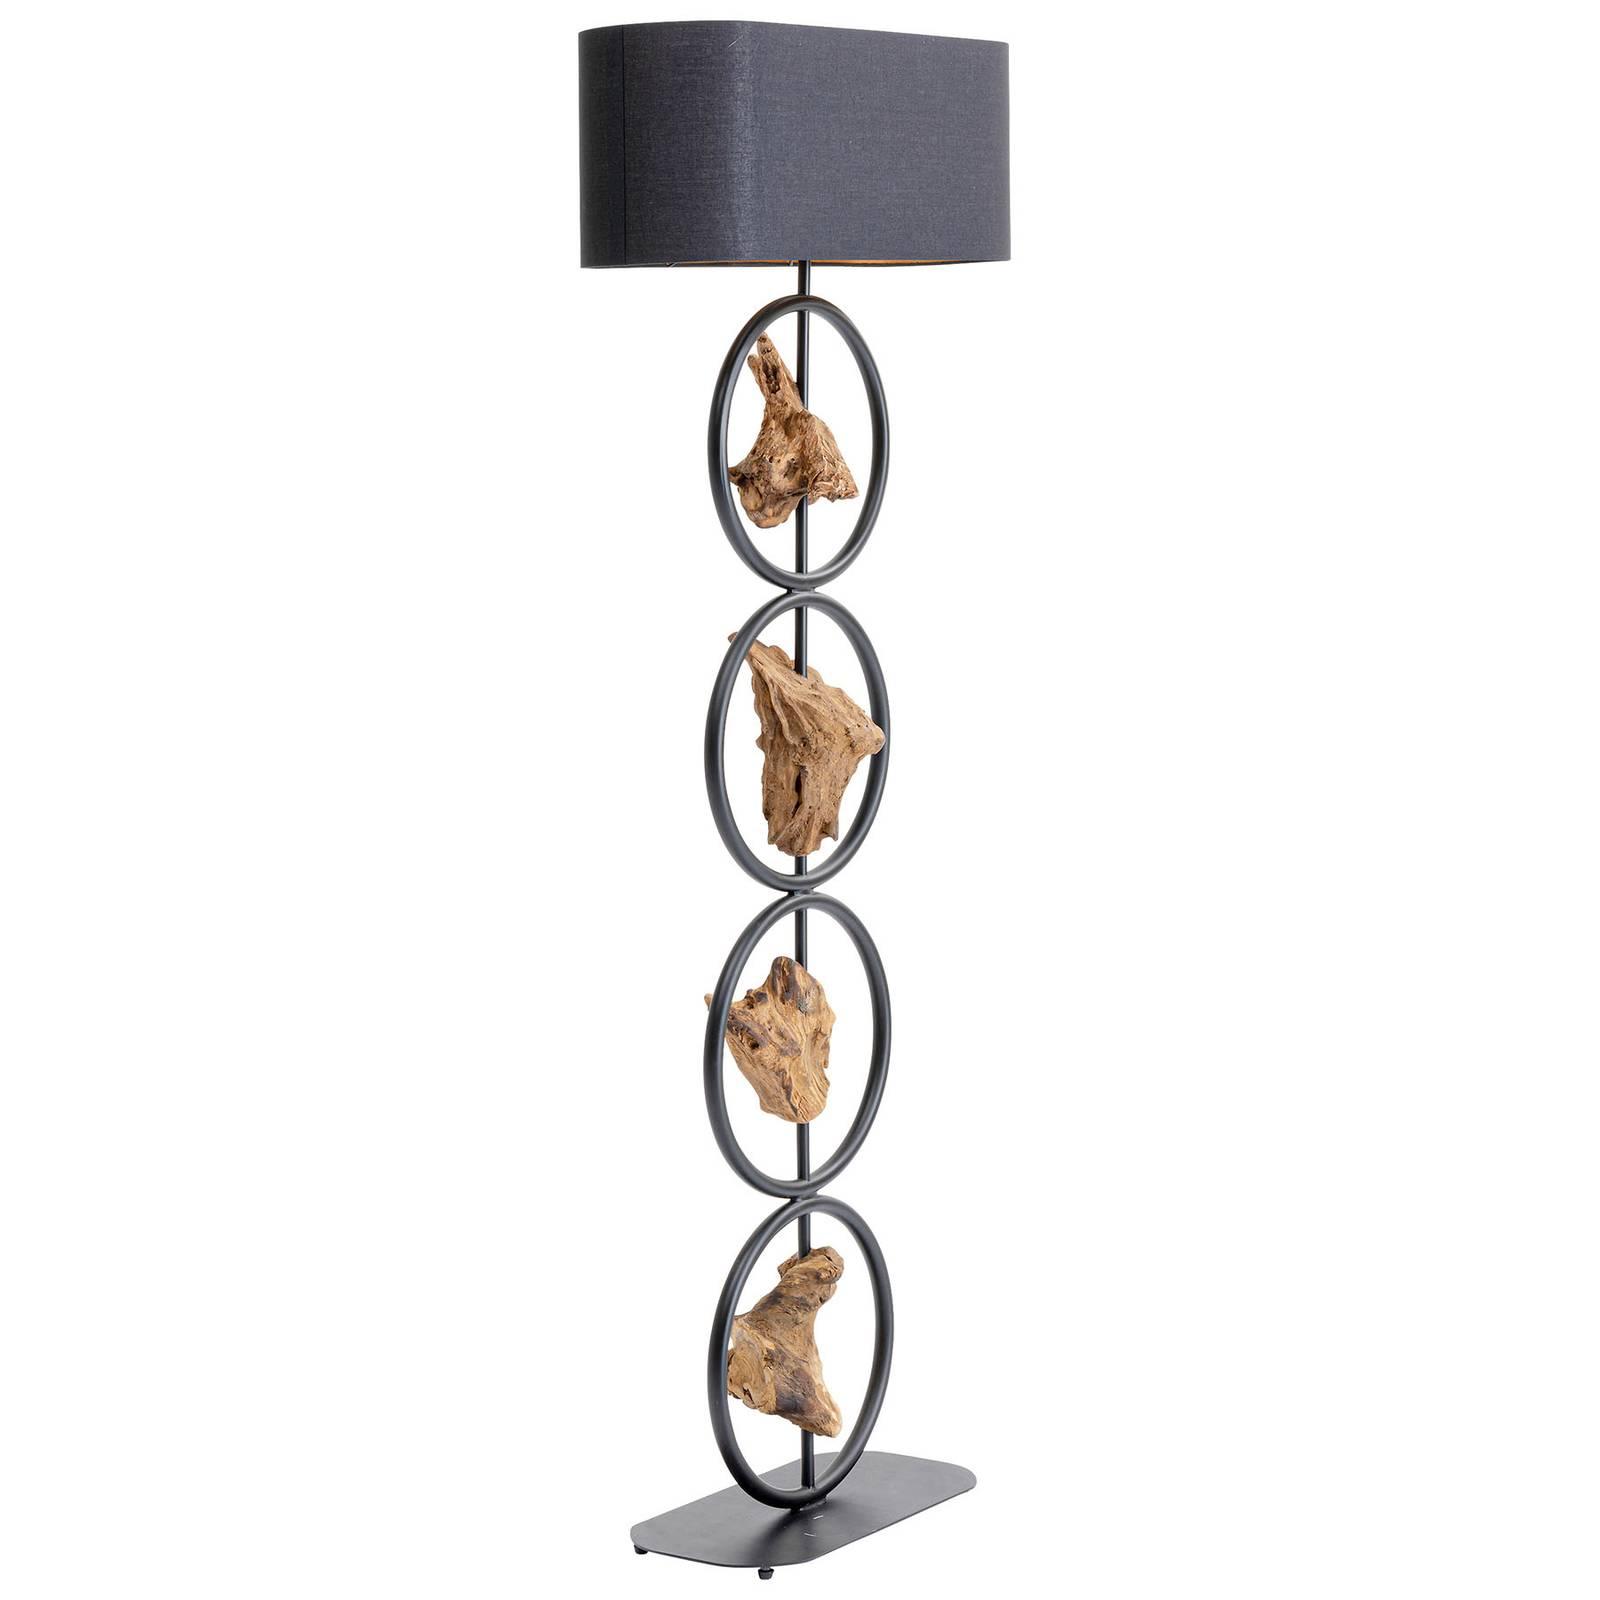 KARE Nature Circles lampadaire avec éléments bois